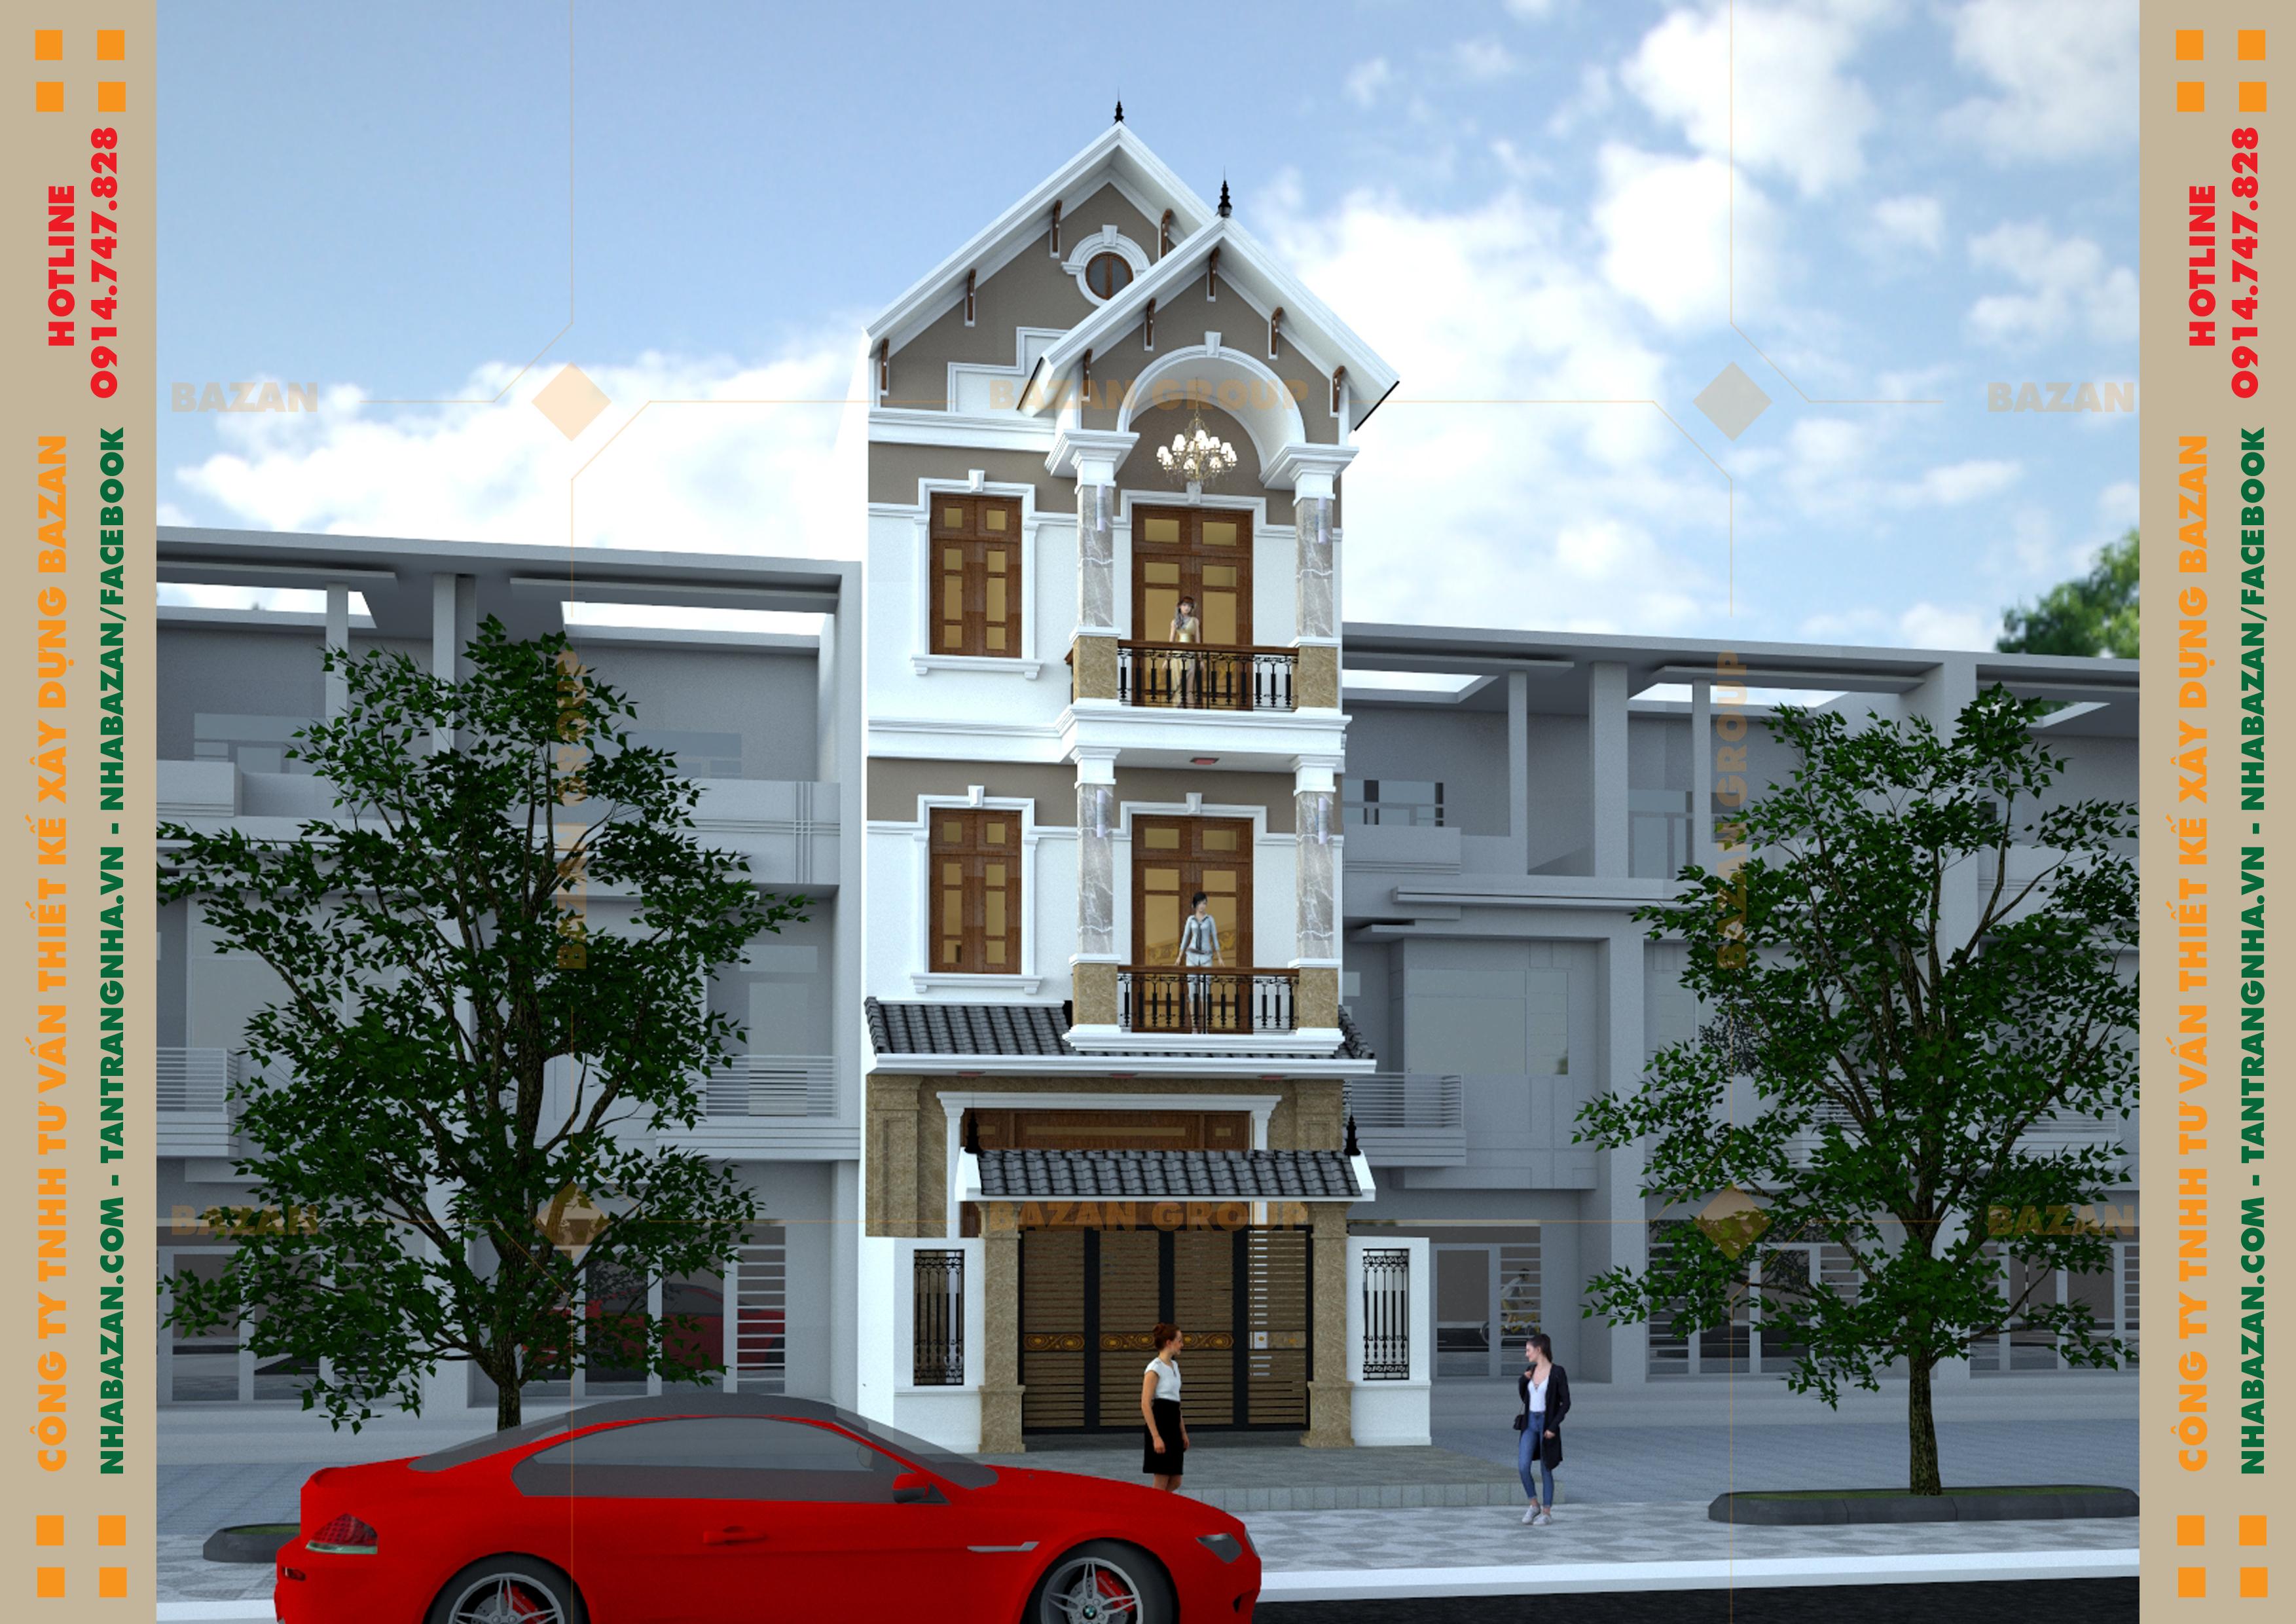 Công Trình Thiết Kế Nhà Phố 3 Tầng Tân Cổ Điển Tại Quận 12 TPHCM